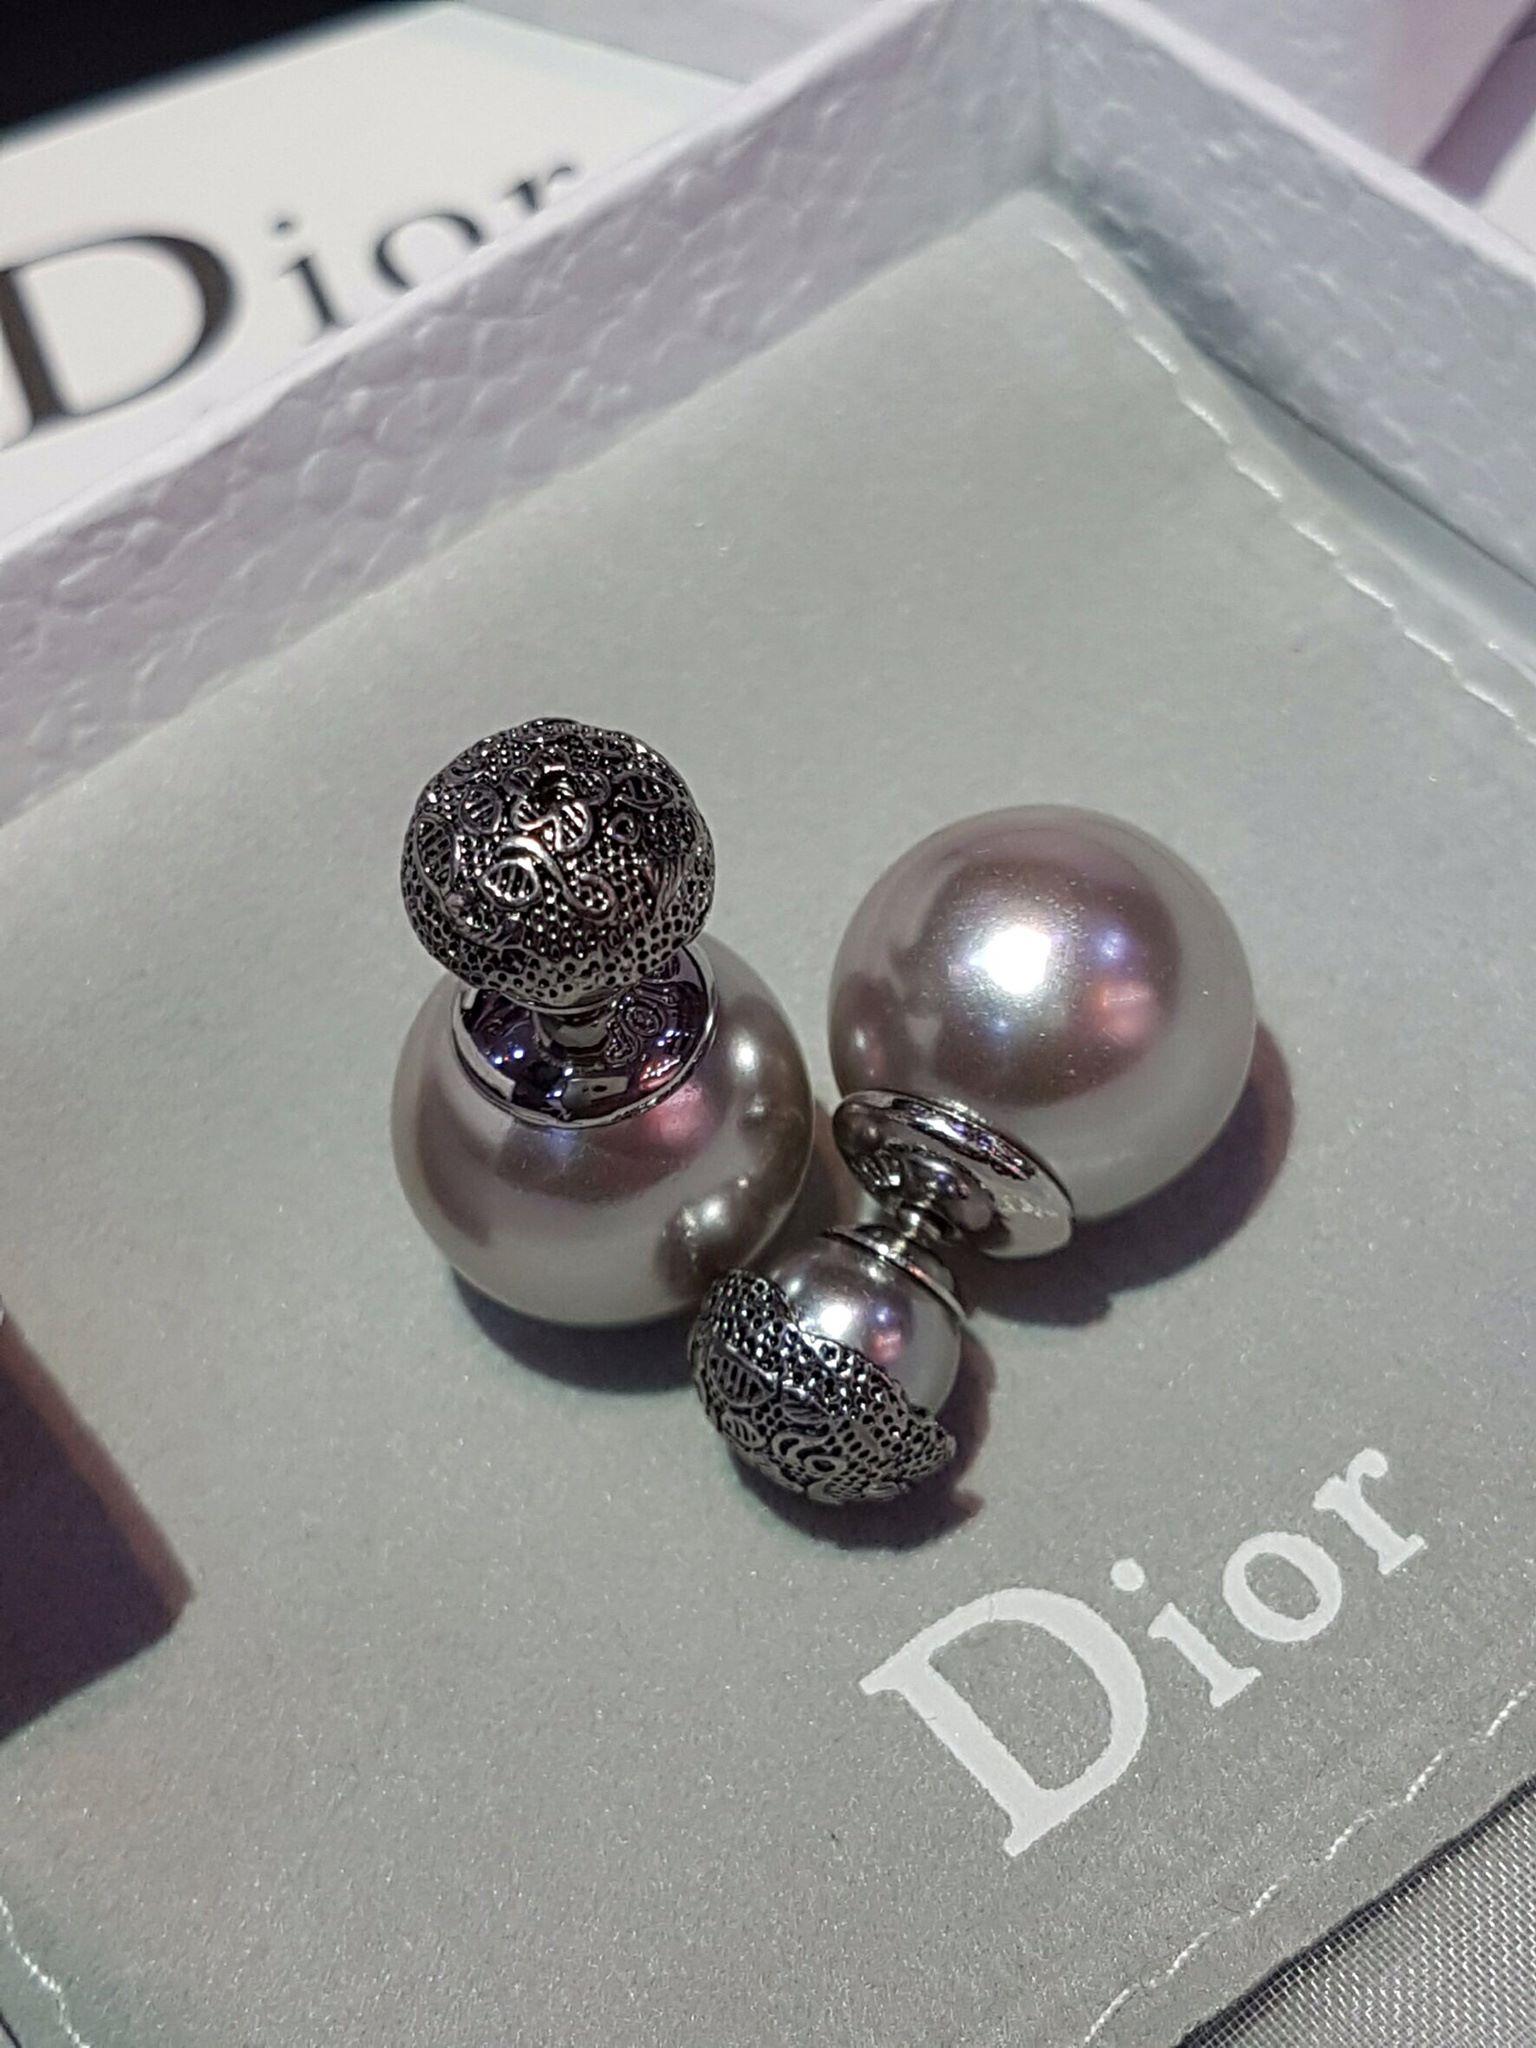 พร้อมส่ง Dior gray pearl earring ต่างหูดิออร์สีเทา ทรงClassic ม๊าก รุ่นเก่าหายาก